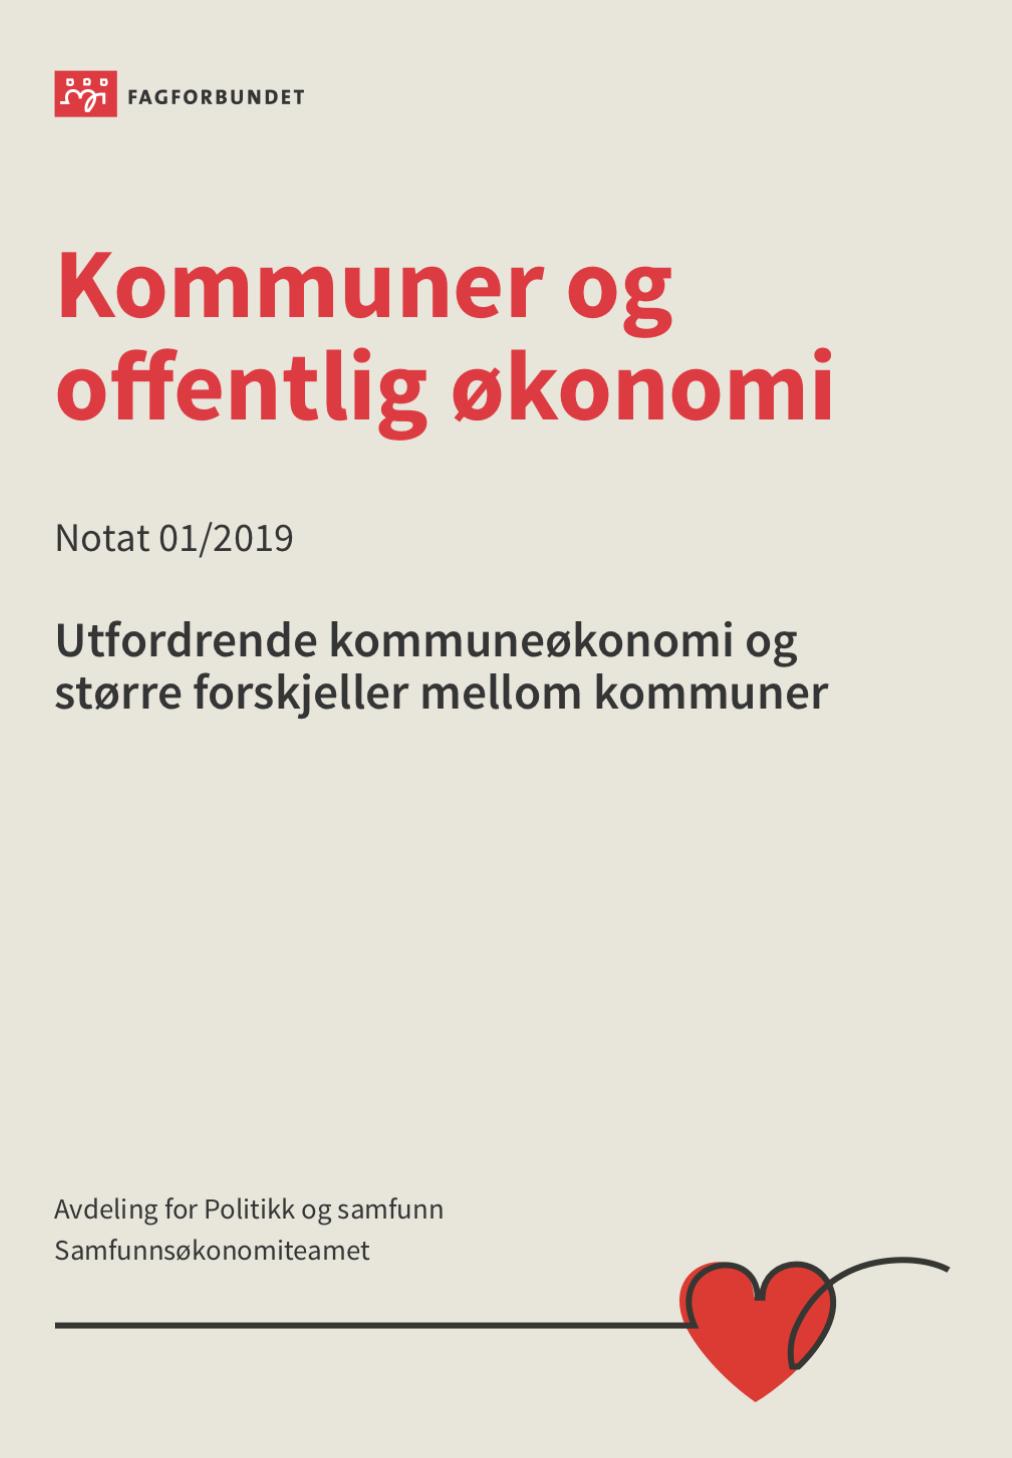 fullsizeoutput 725e - Fagforbundet: Samlet sett vil flere kommuner fåstore utfordringer i 2019